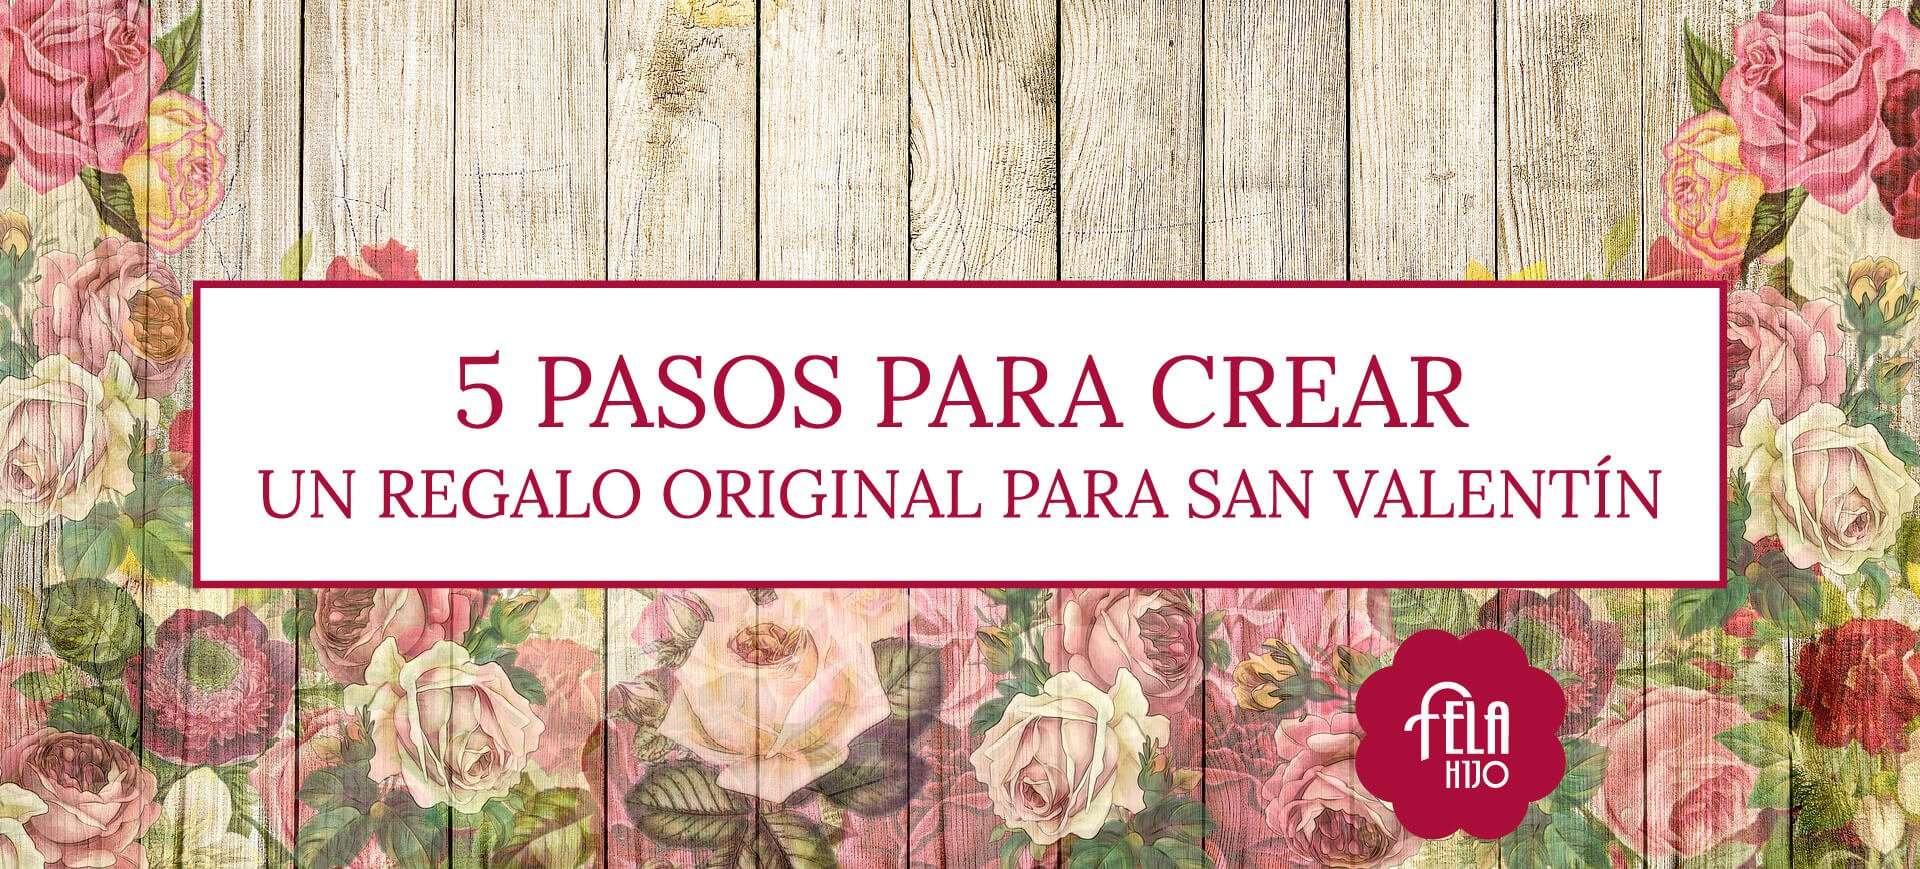 5 pasos para crear un regalo original para san valent n - Regalo original san valentin ...